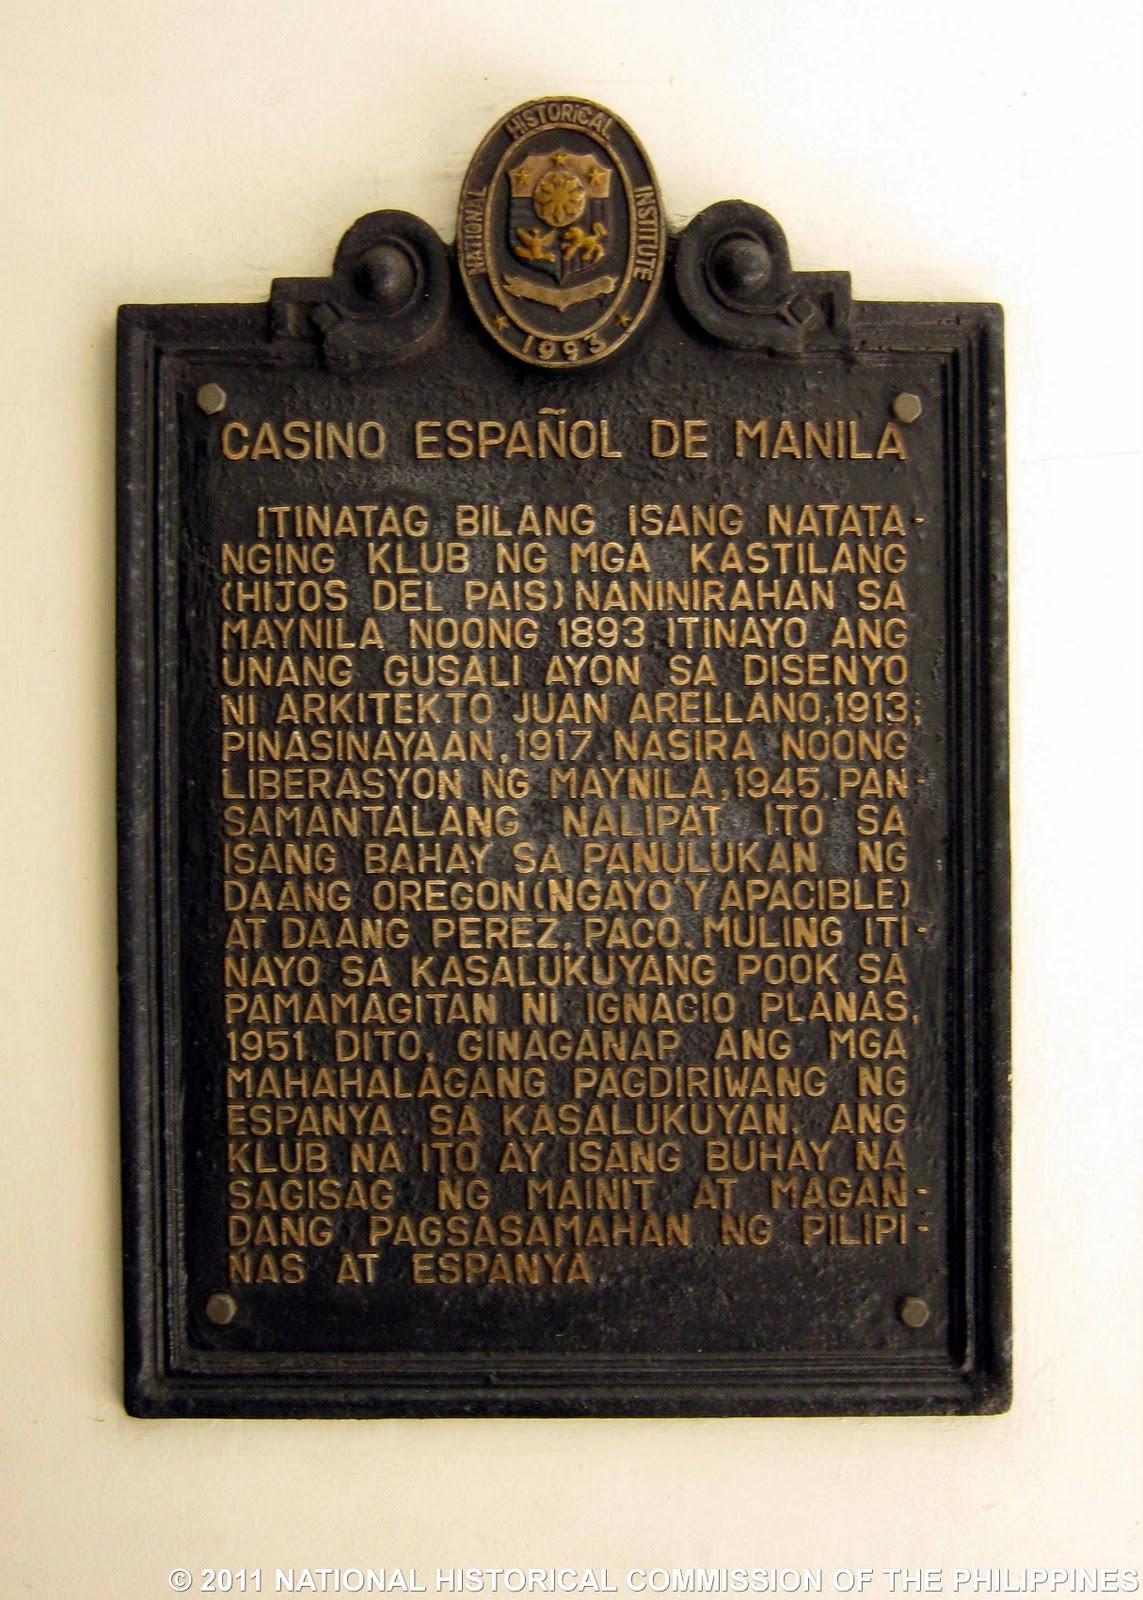 Location: Kalaw St., Ermita, Manila (Region NCR)